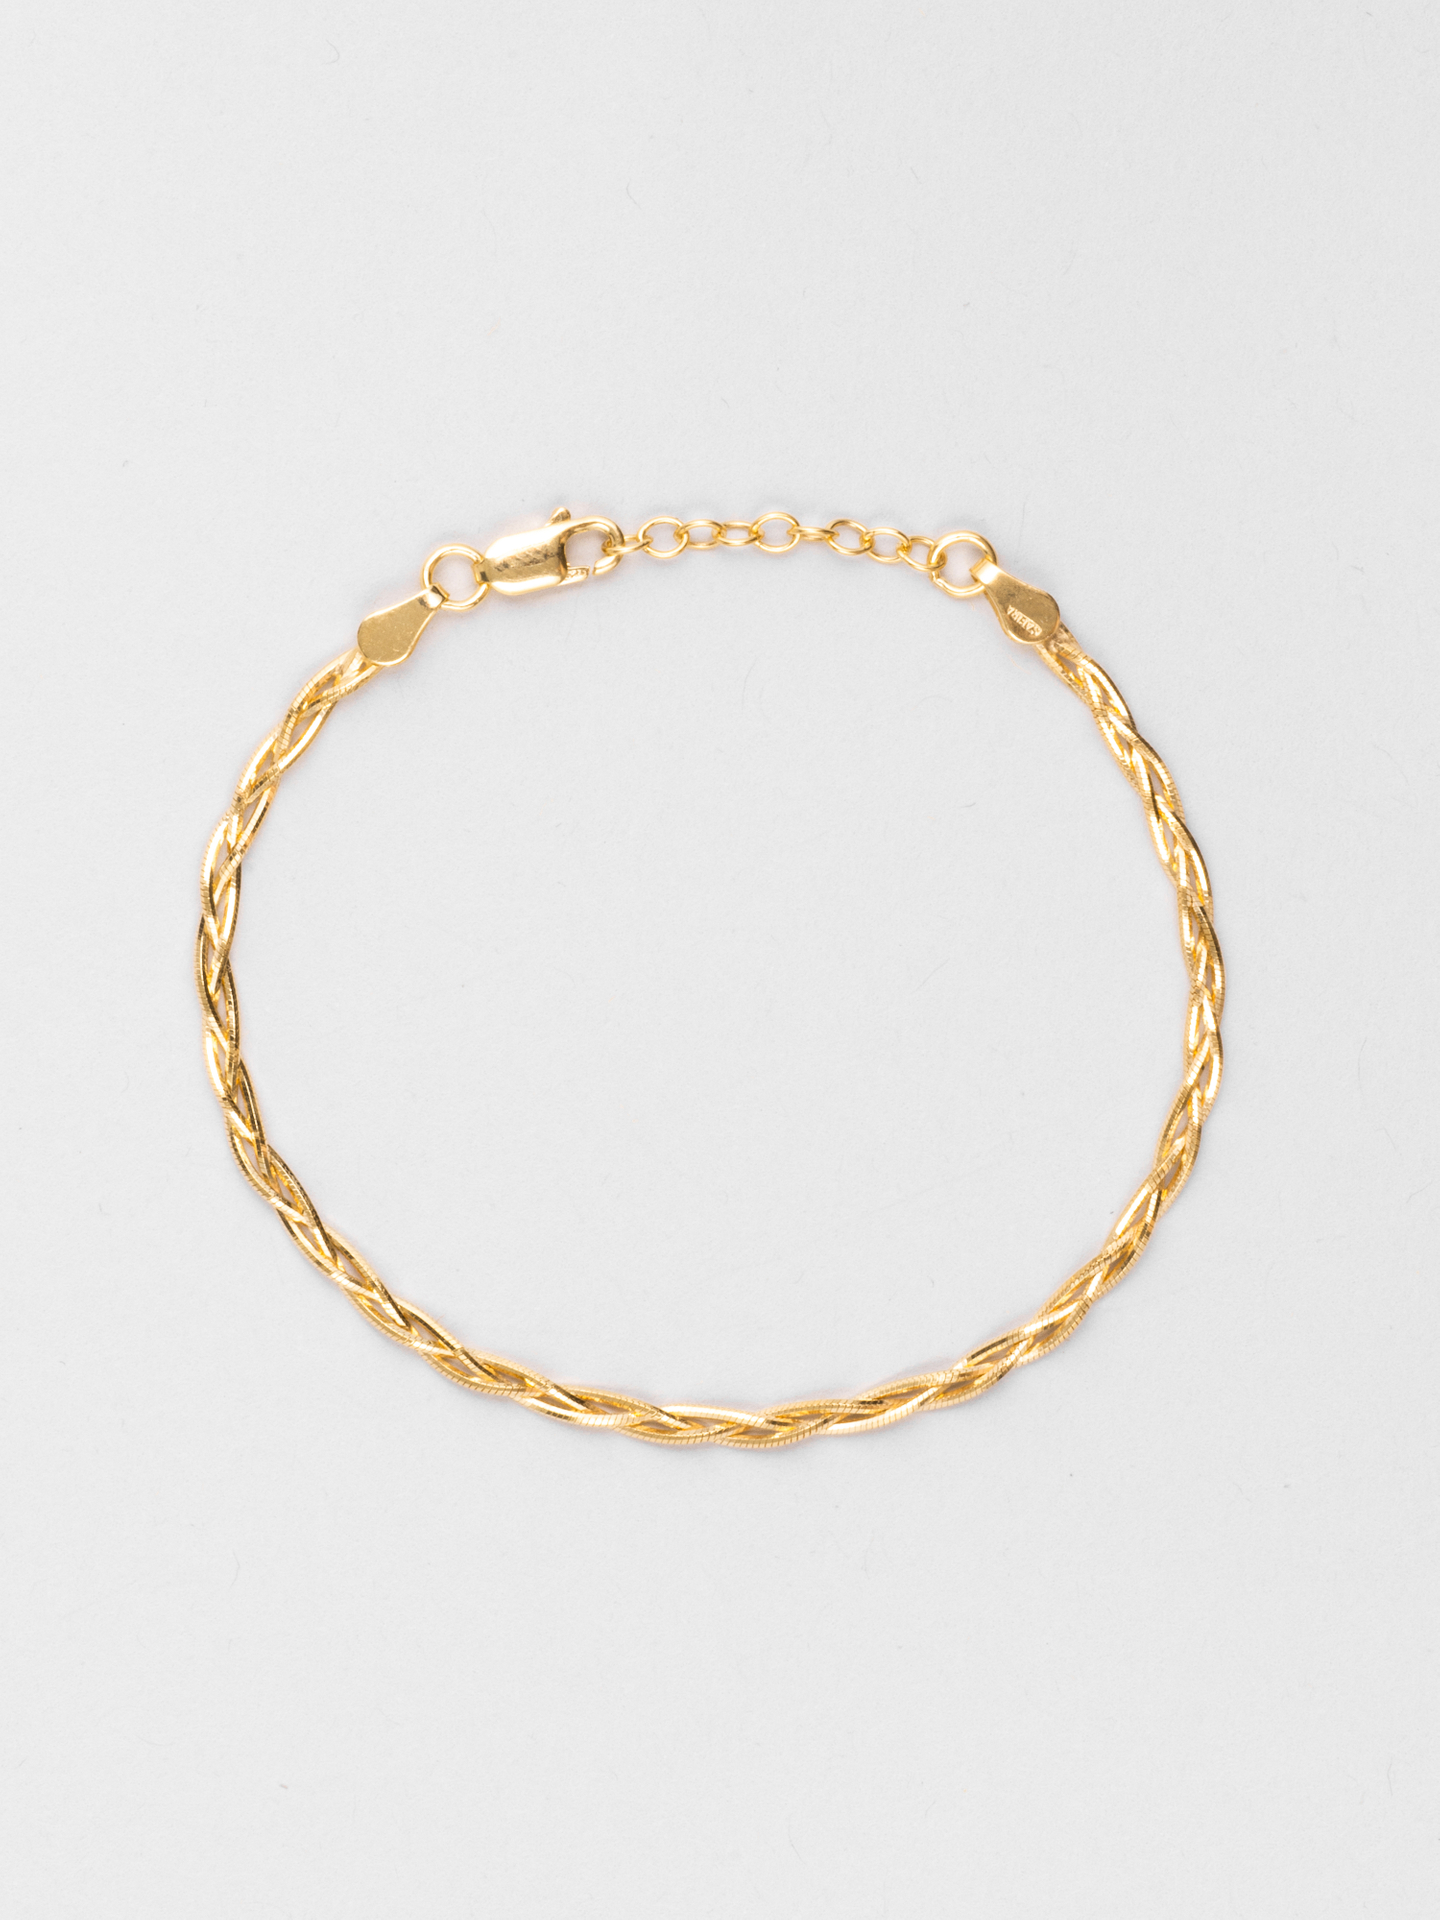 Braided Snake Chain Bracelet